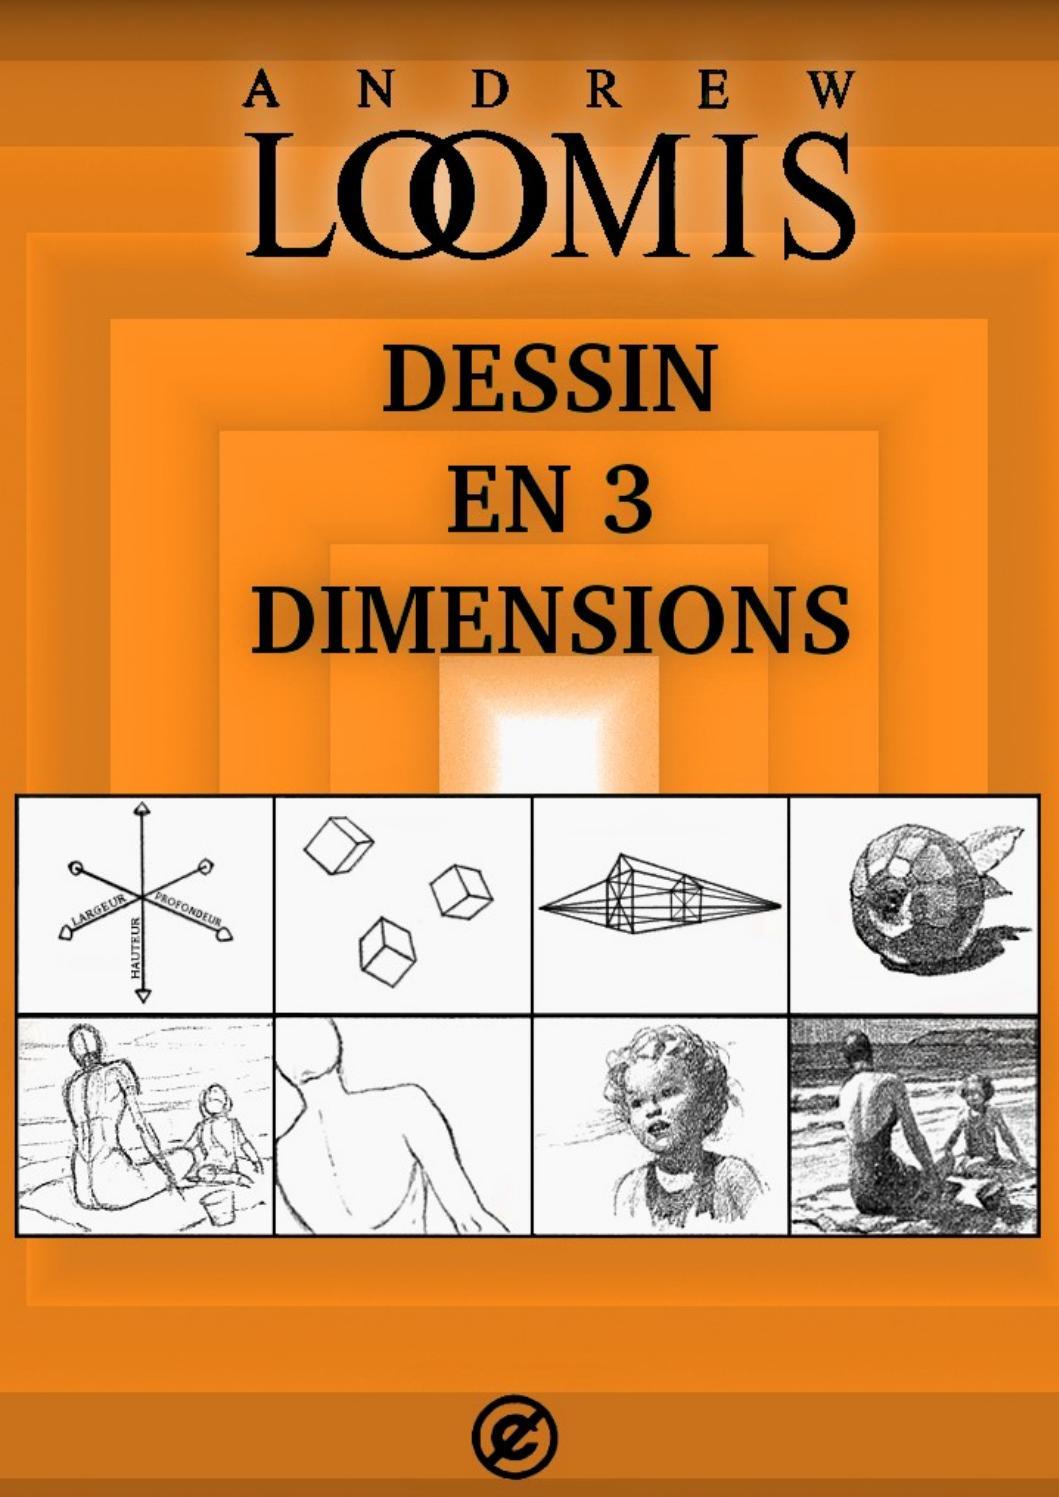 Andrew Loomis Dessin En 3 Dimensions By Gitem - Issuu serapportantà Modèles De Dessins À Reproduire